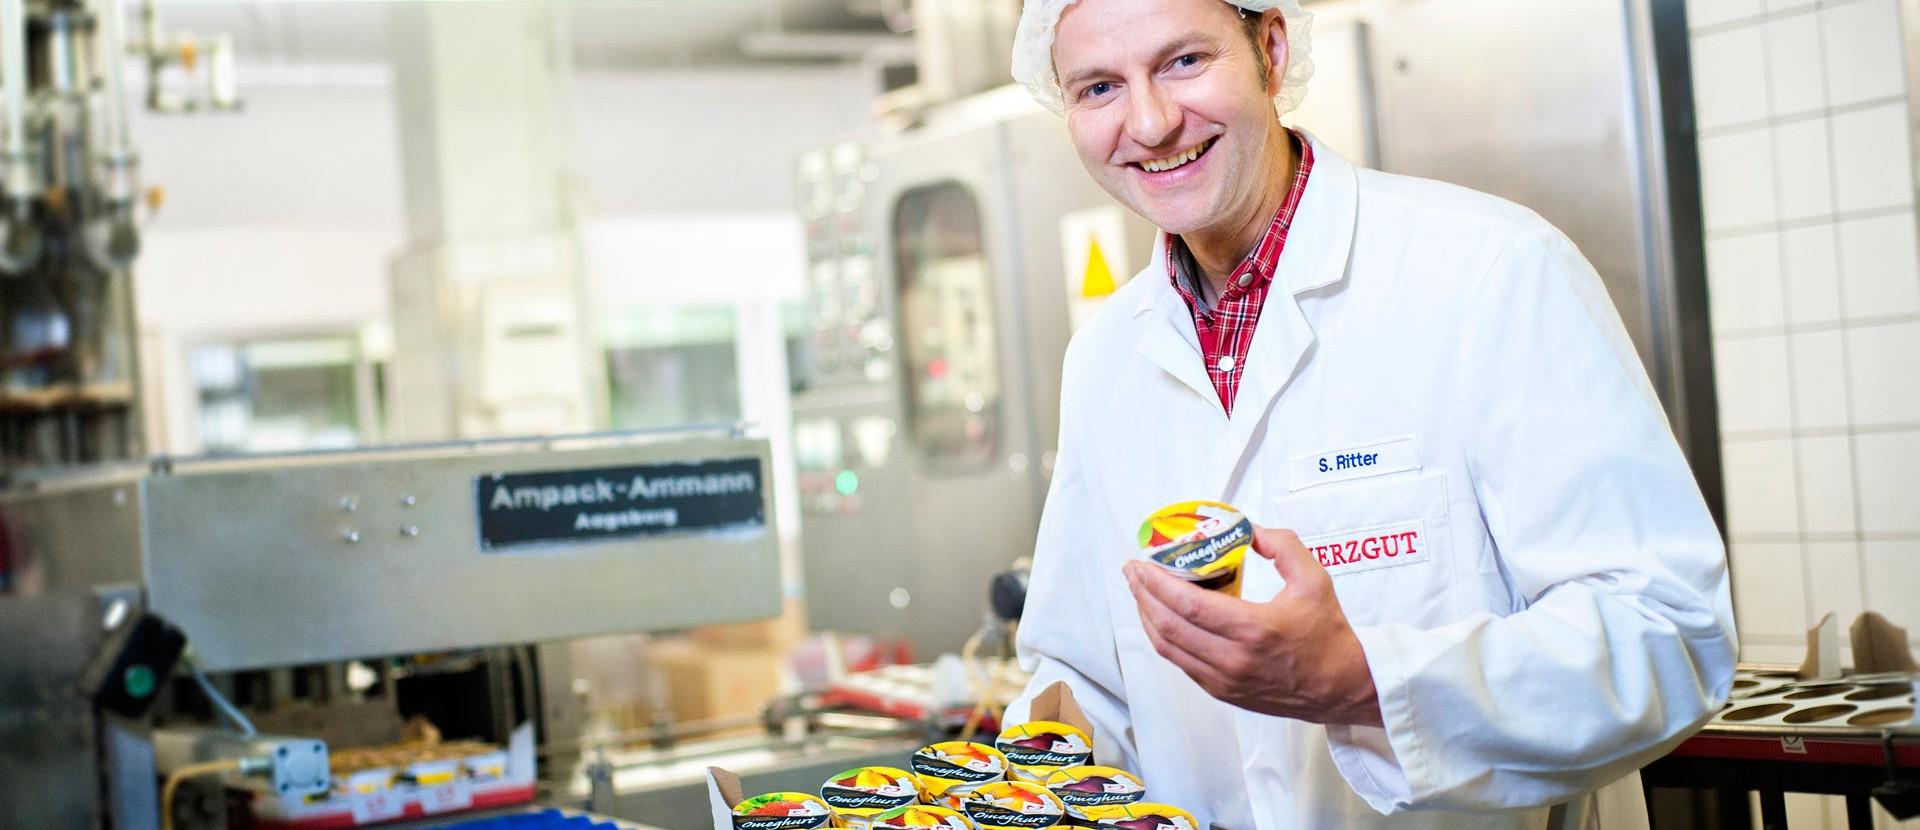 Mitarbeiter stellt Produkte der Landmolkerei eG vor